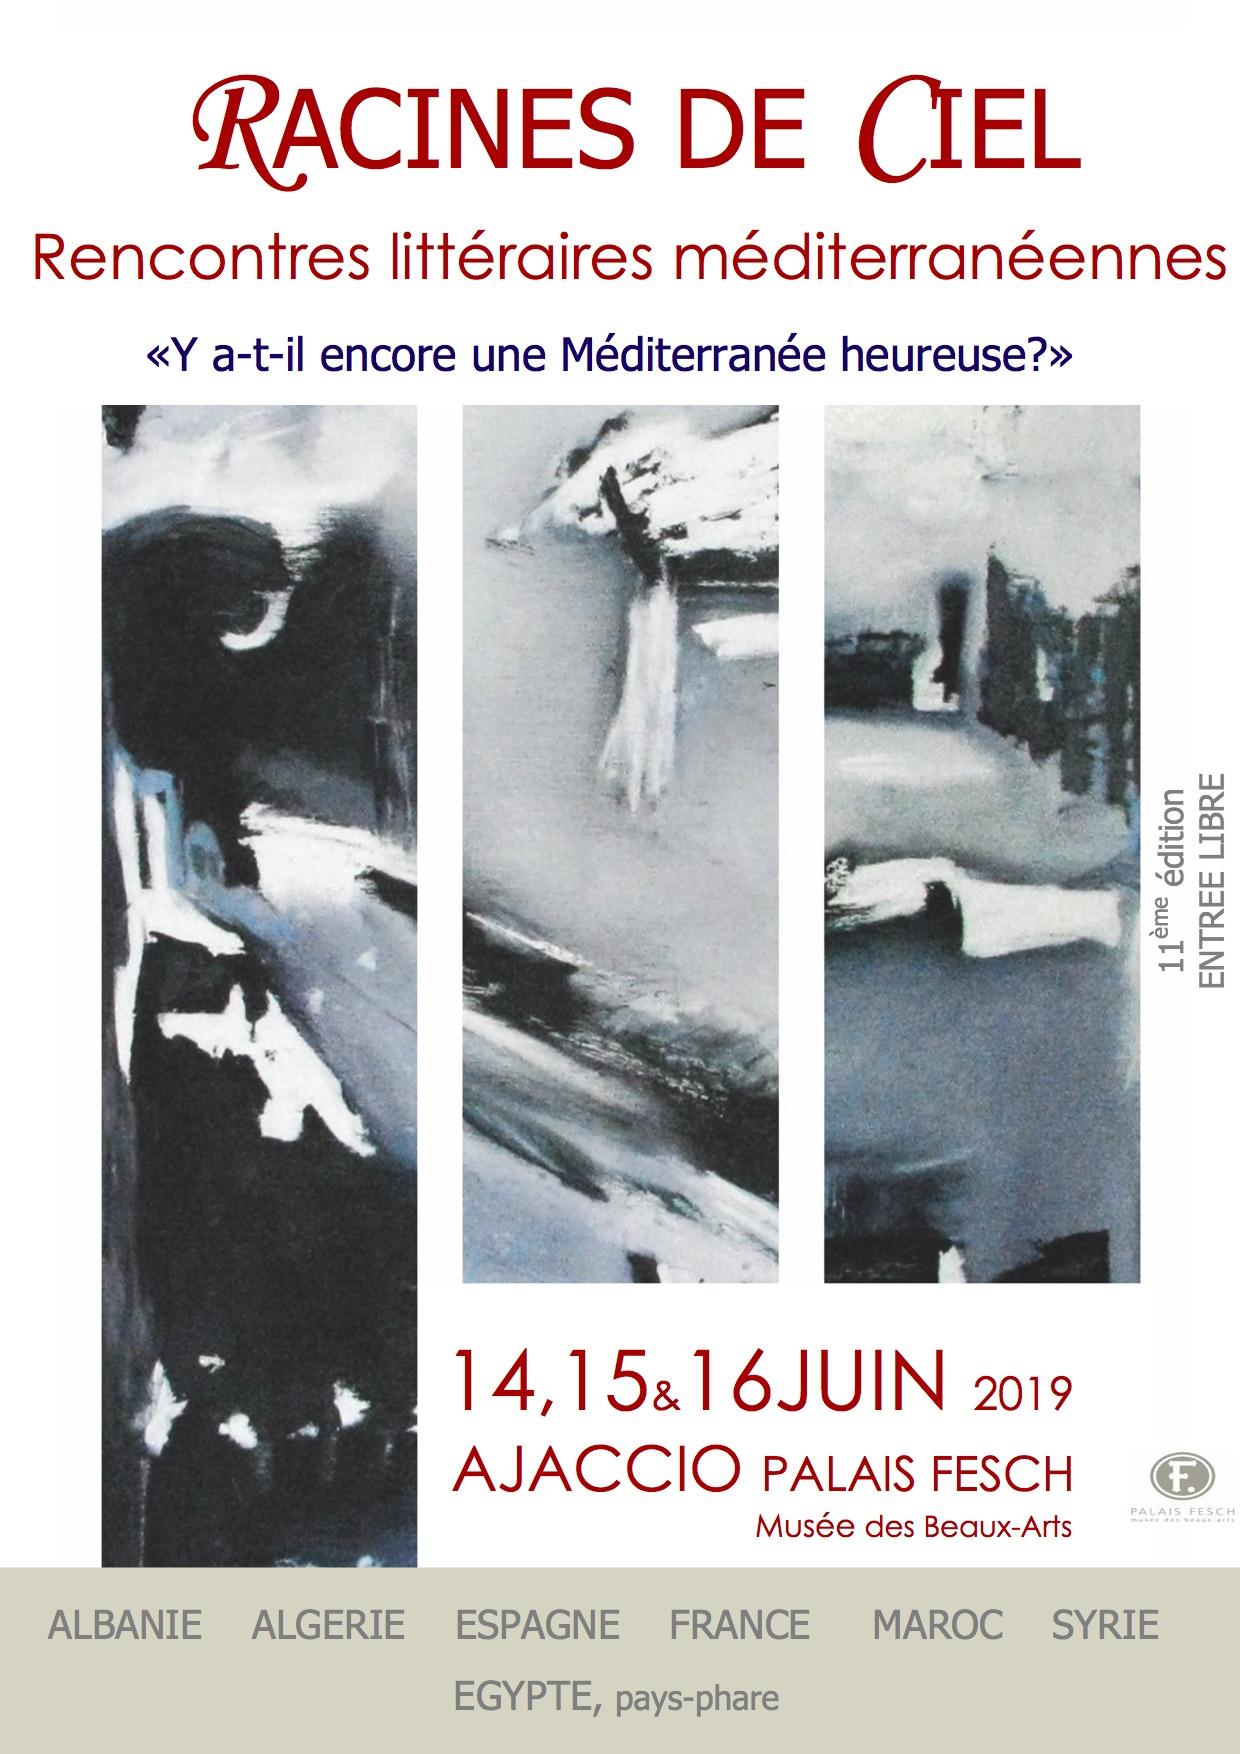 Racines de ciel : La 11e édition des rencontres littéraires d'Ajaccio en juin